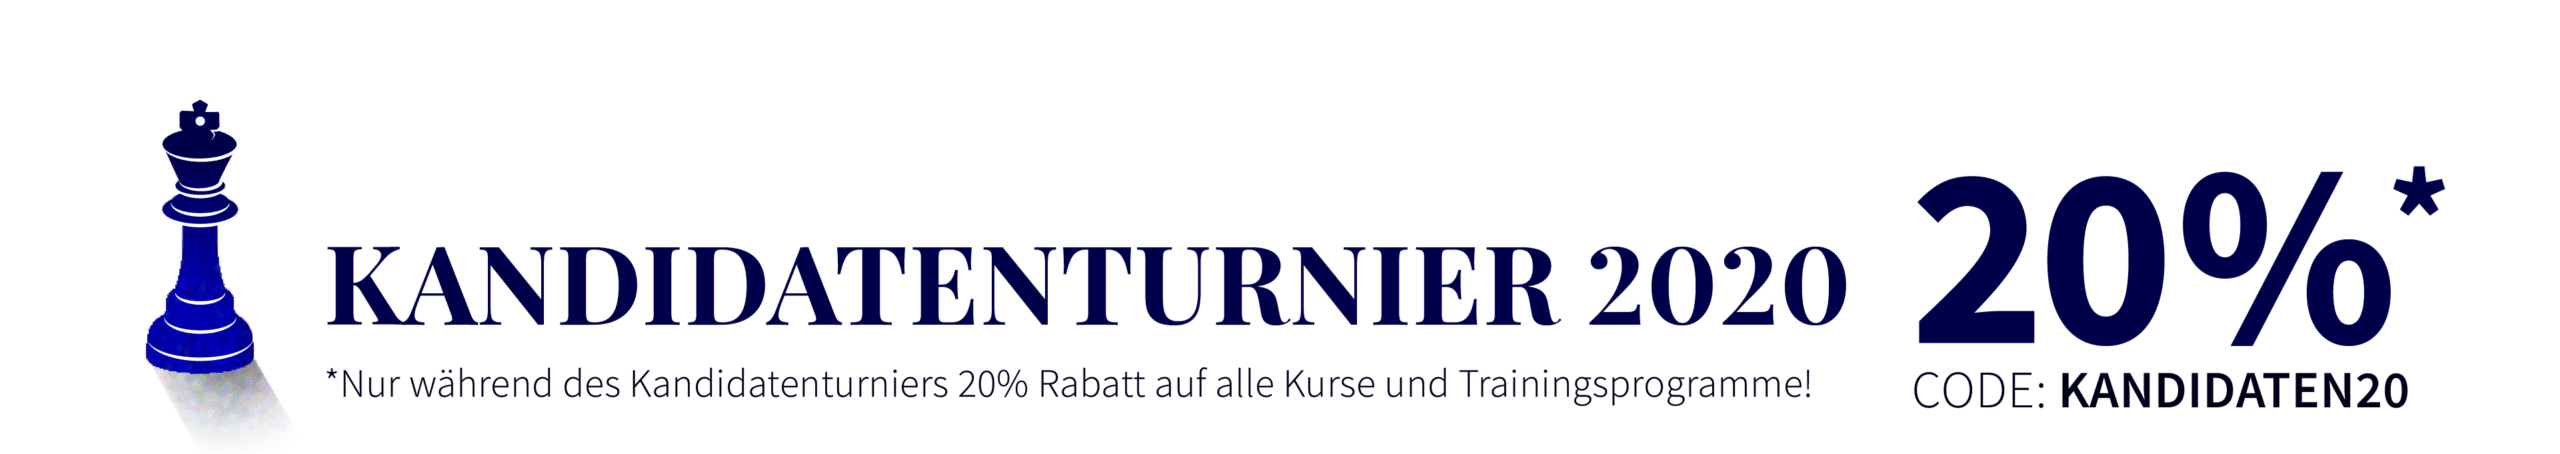 Kandidatenturnier_2020_1920x340